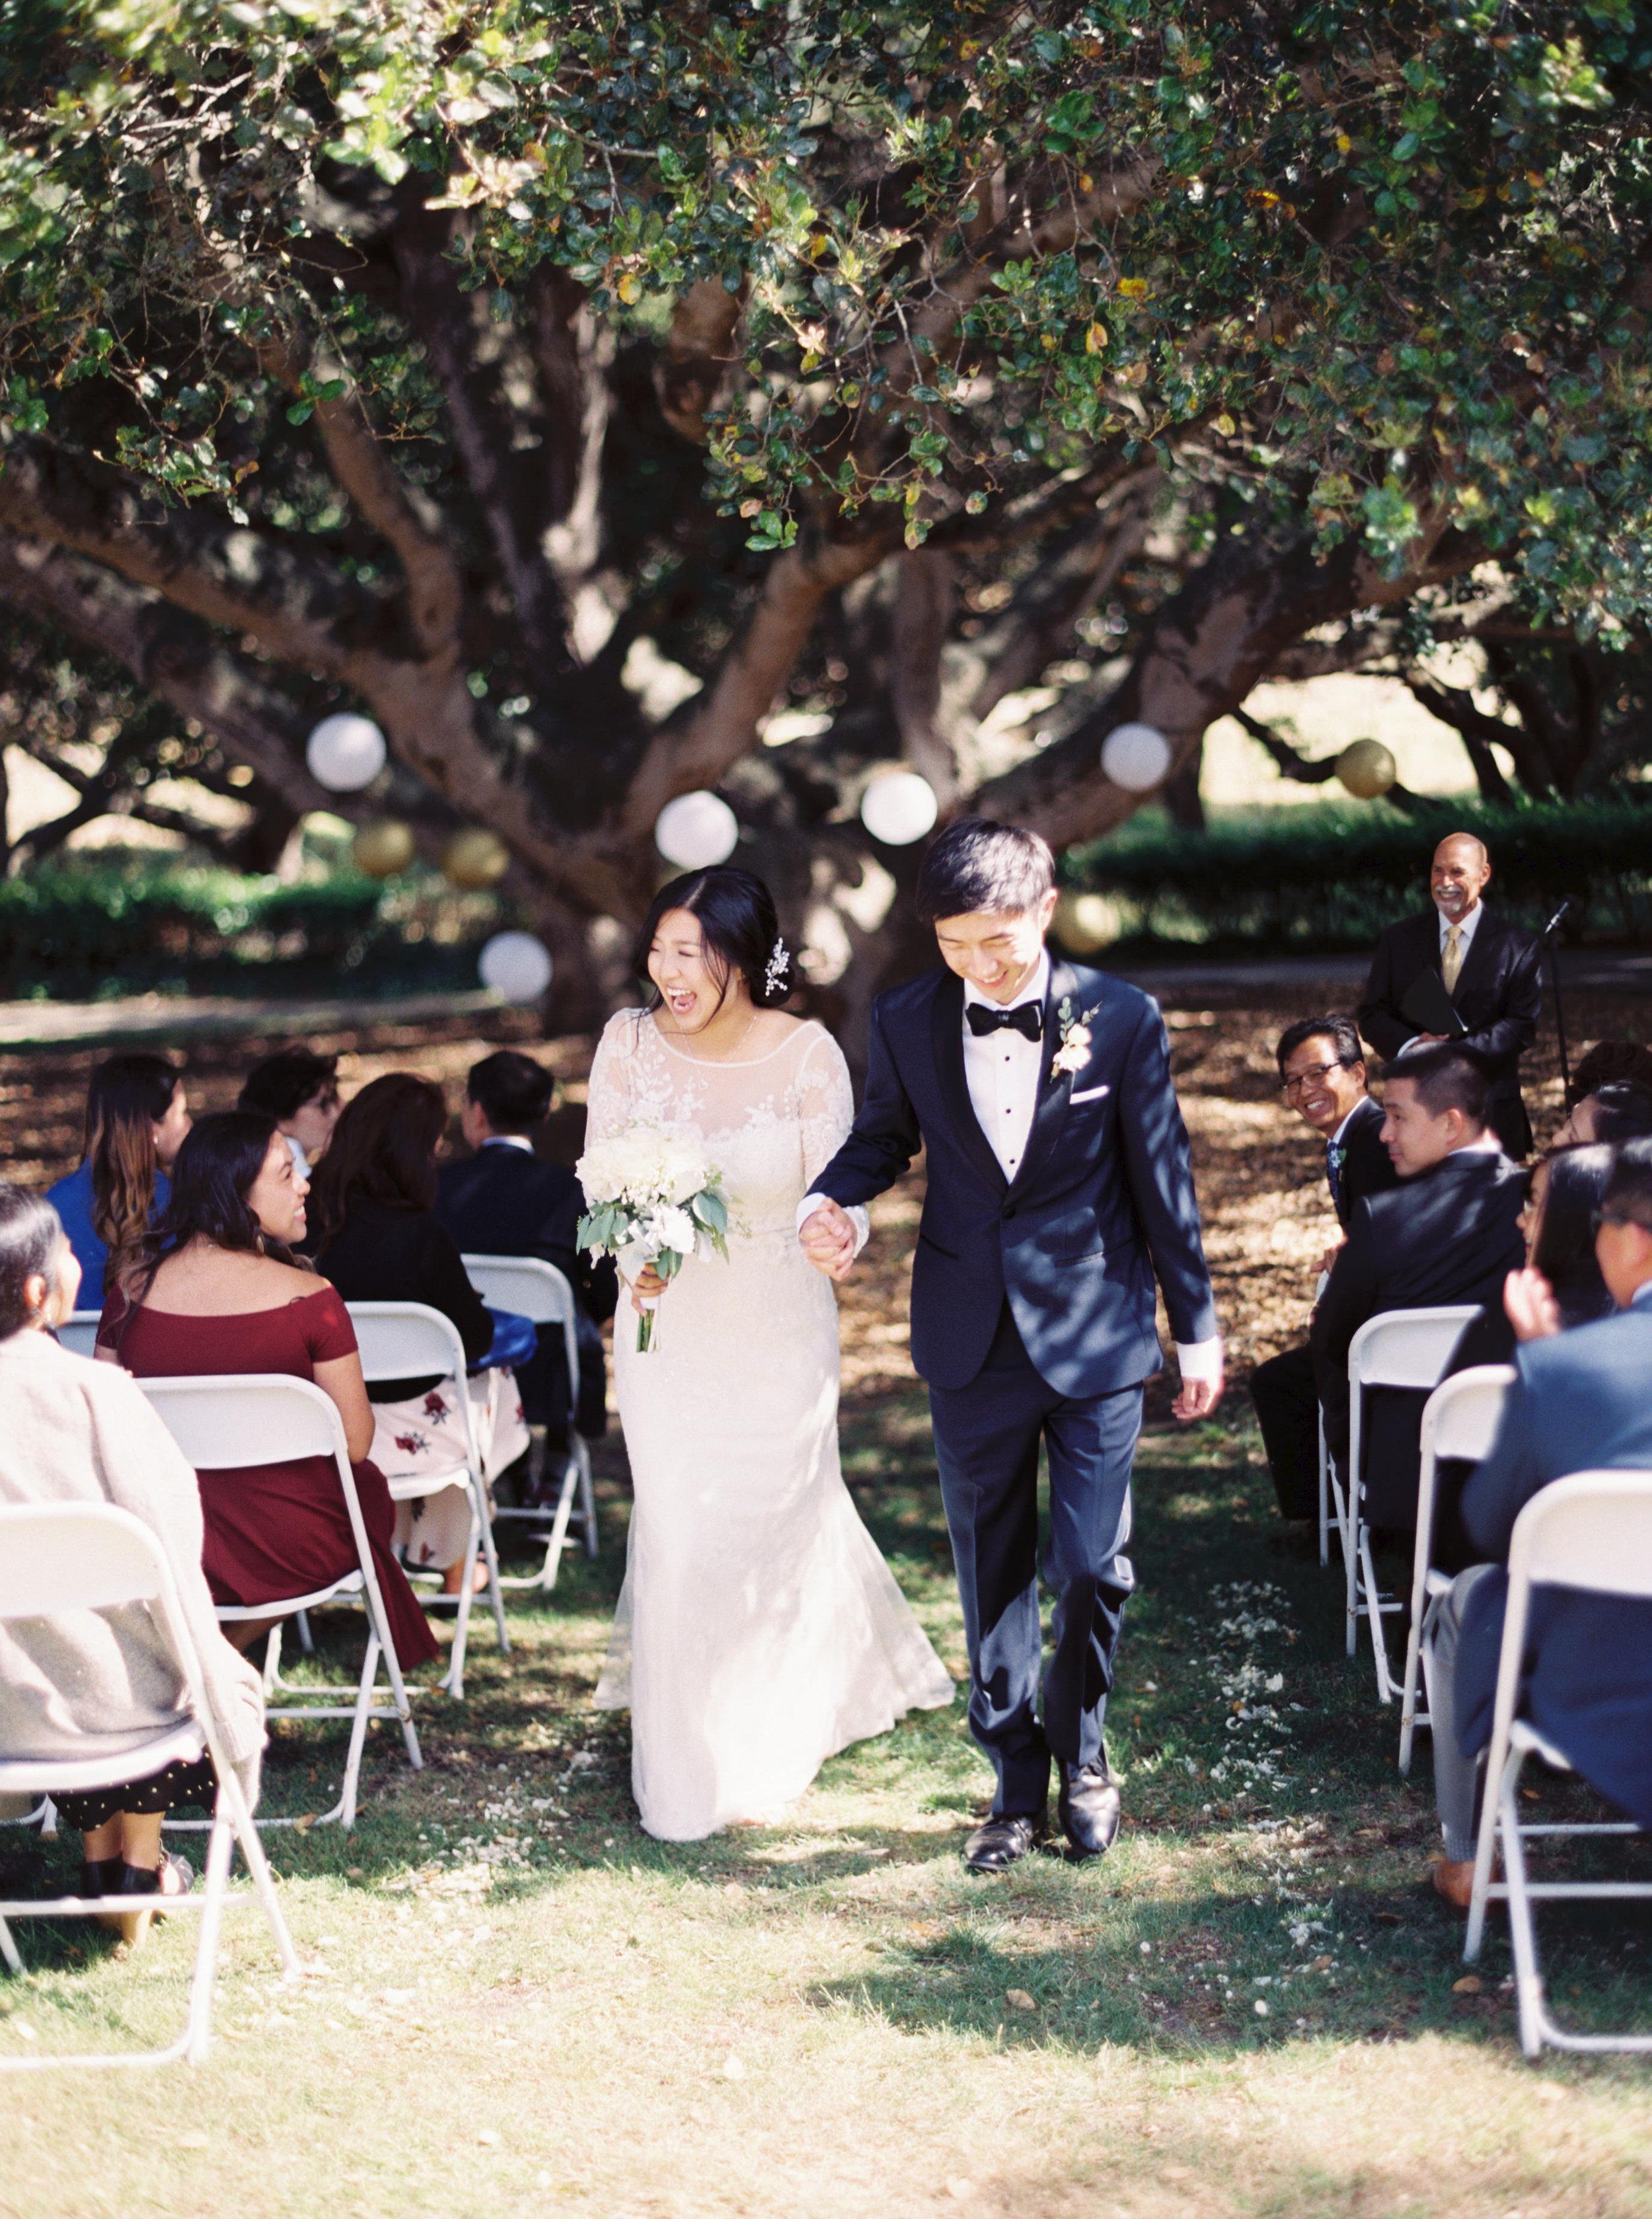 carmel-wedding-at-wedgewood-carmel-california-43.jpg